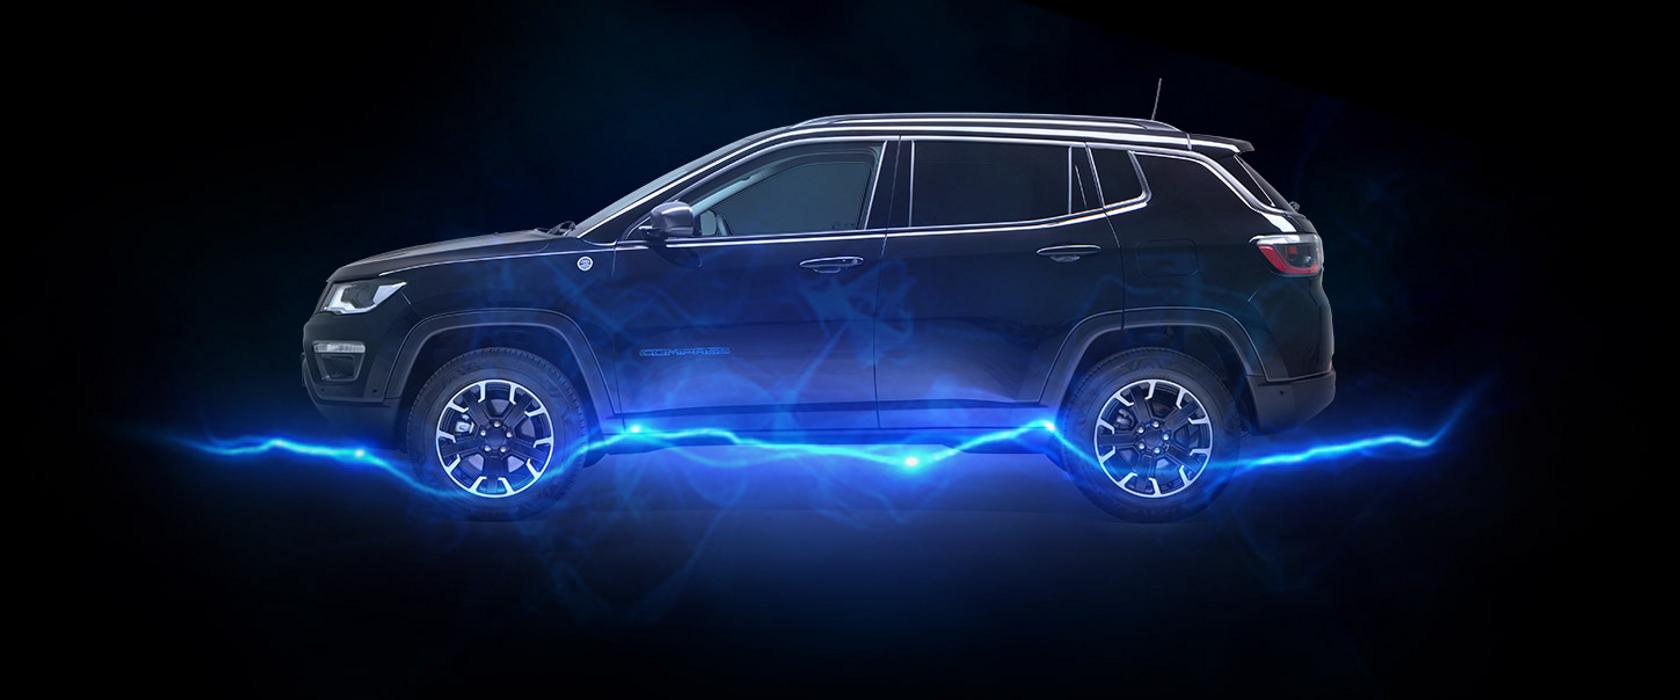 Jeep Compass umiskjennelige firehjulsdrift nå med elektriske kraft